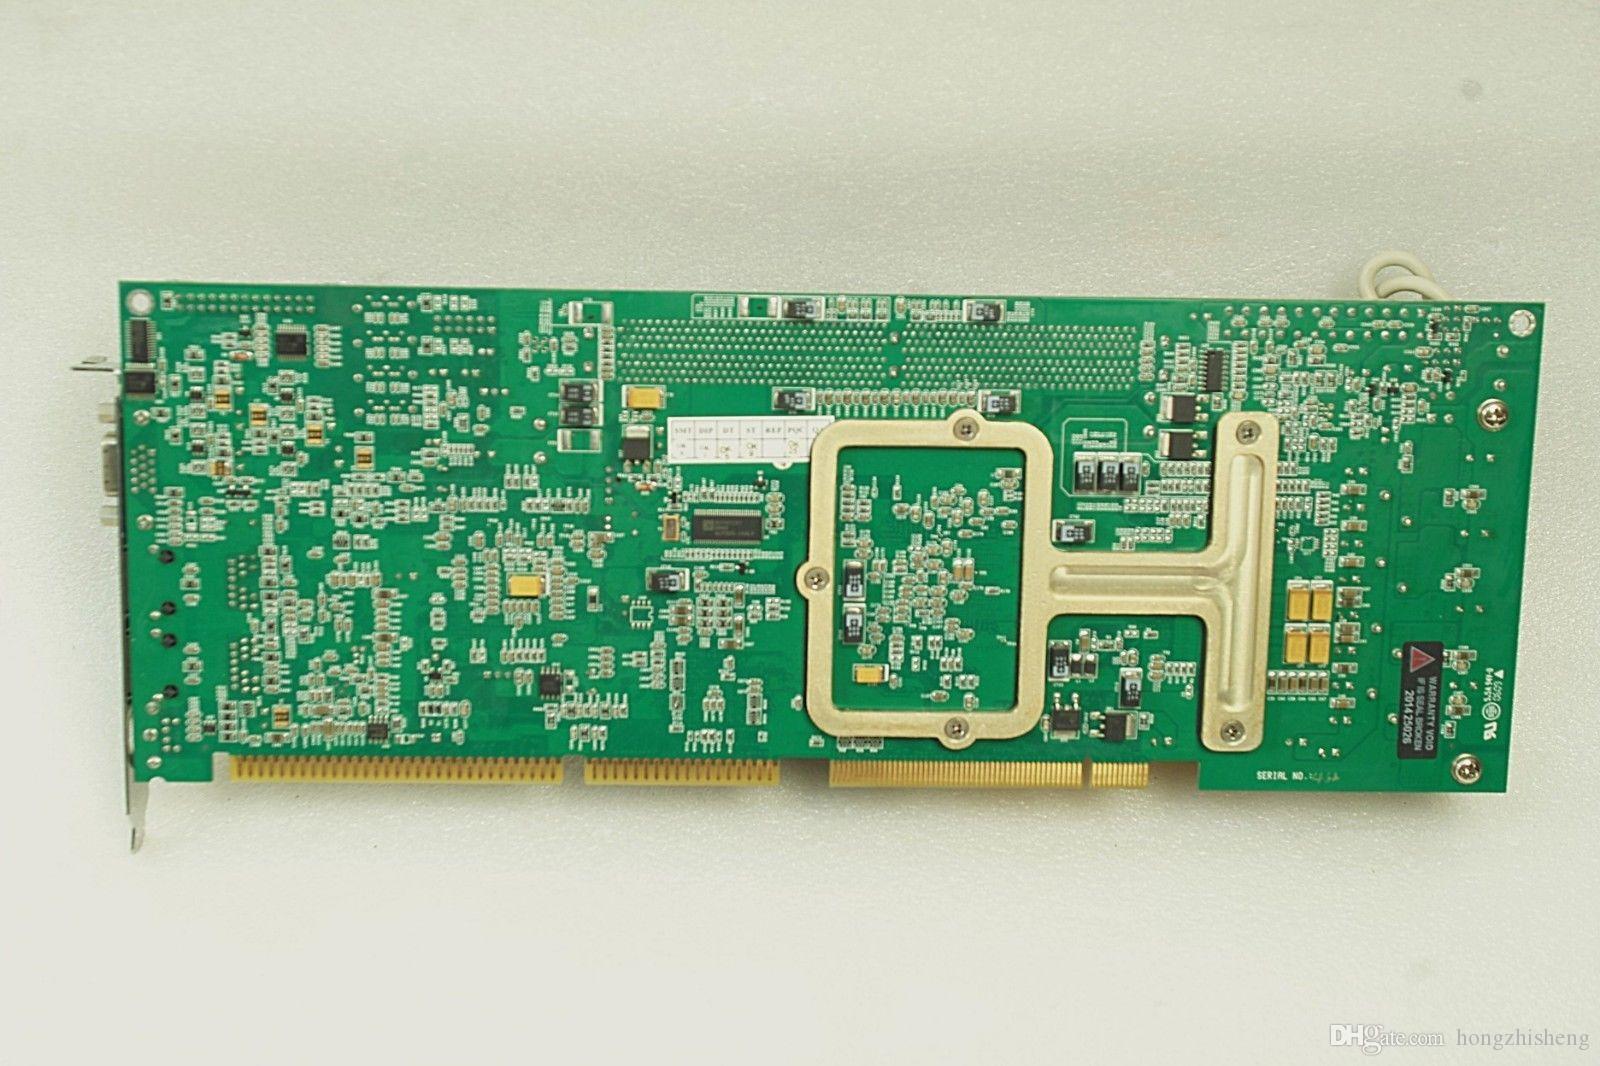 Placa de equipo industrial FSC-1812V2NA VER 3.0 LGA775 socket con CPU